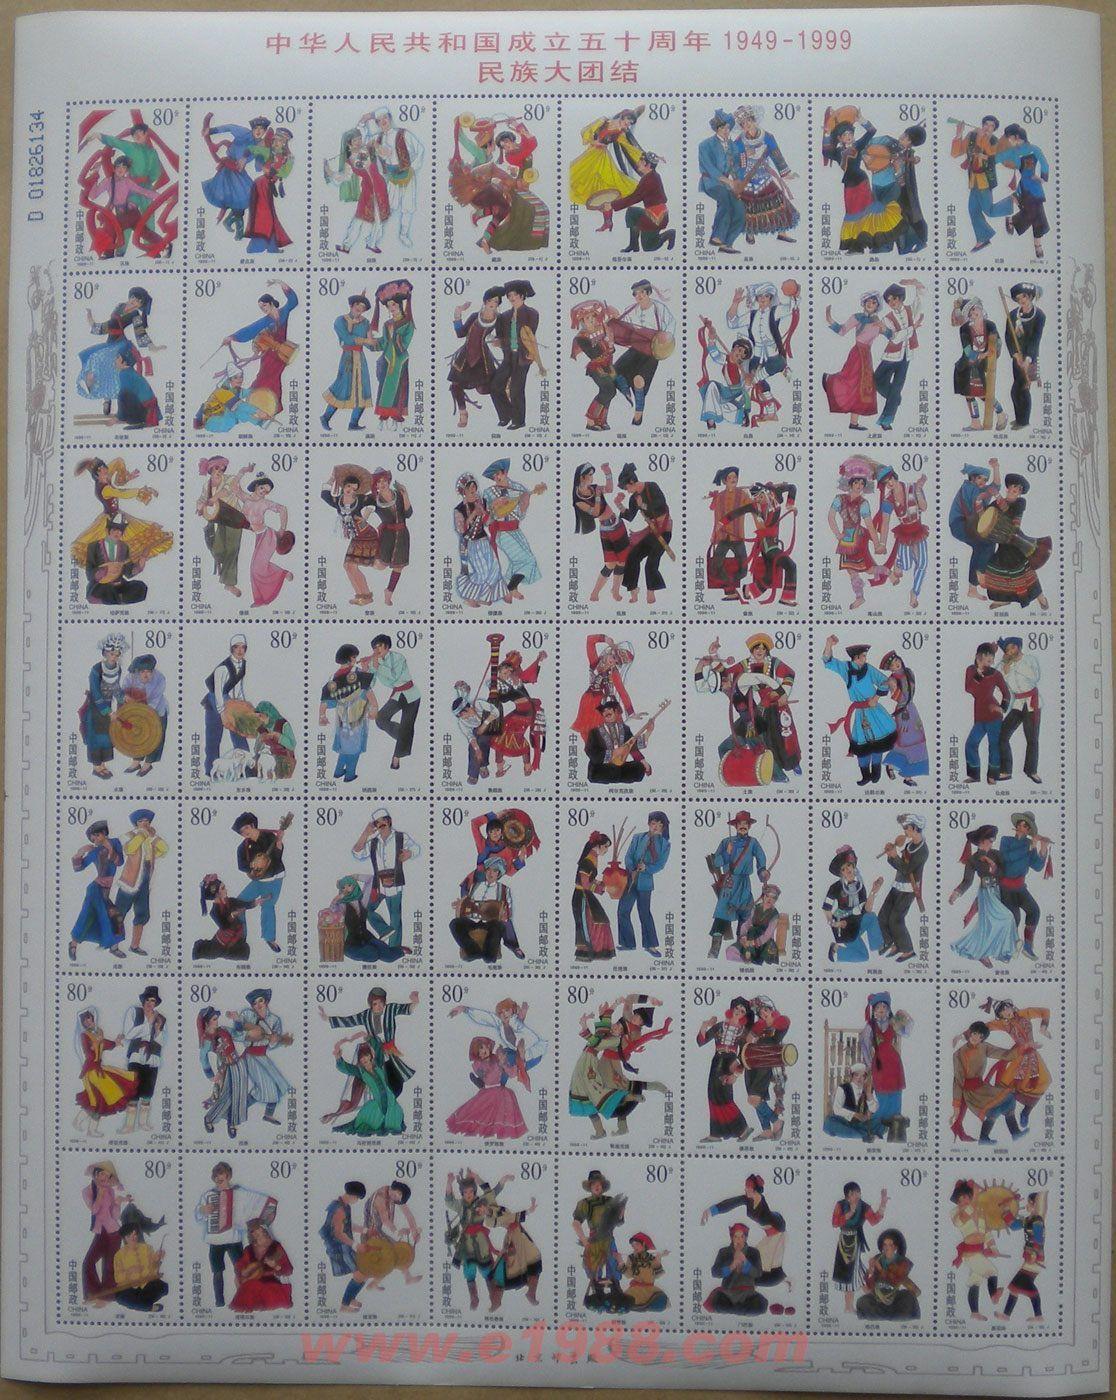 99年56个民族邮票_求56个民族邮票图片_百度知道